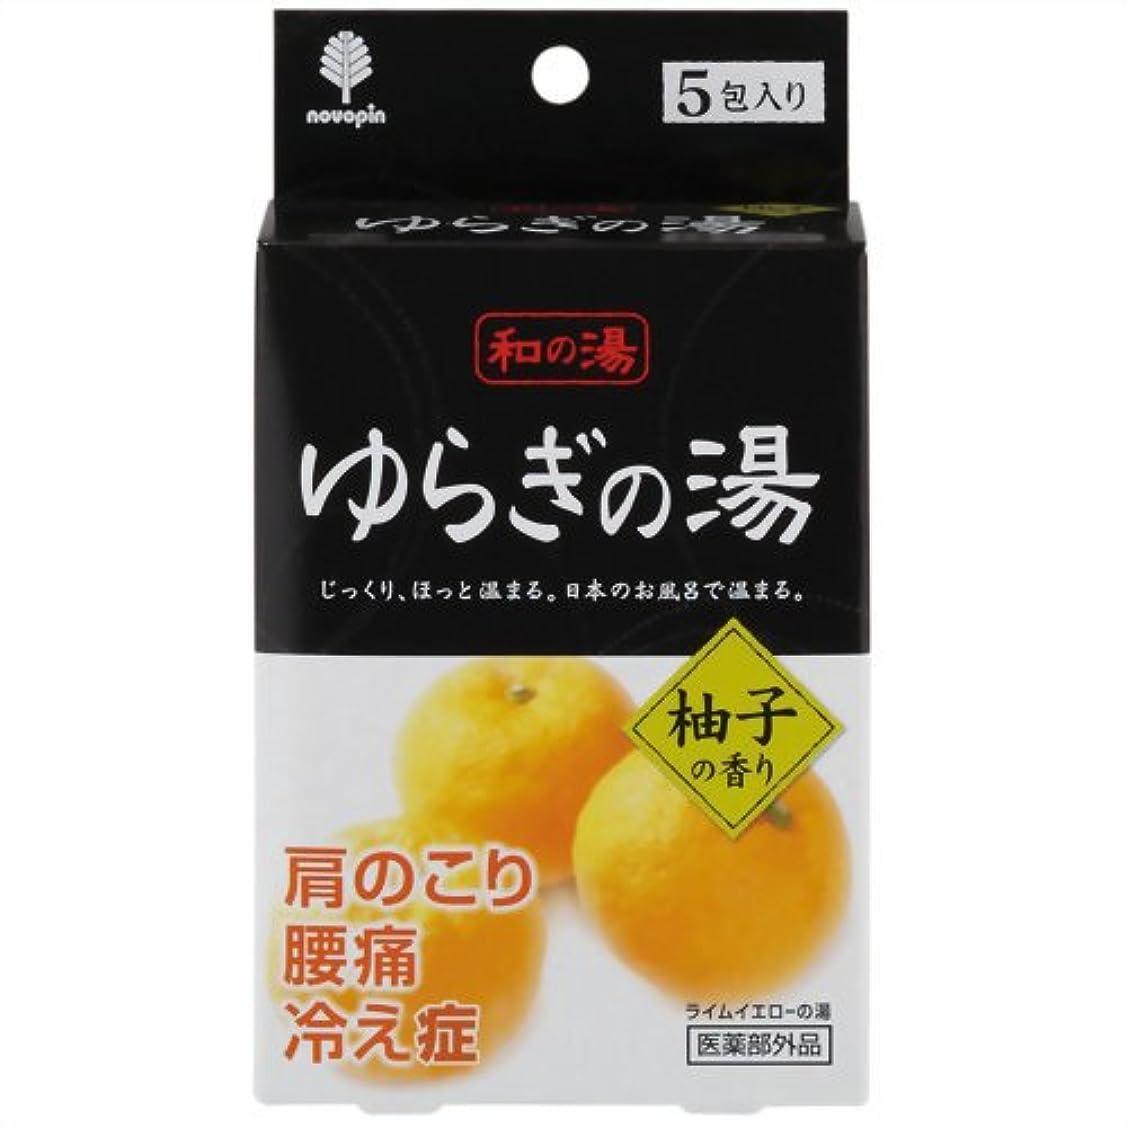 収益スカープ謝る和の湯 ゆらぎの湯 柚子の香り